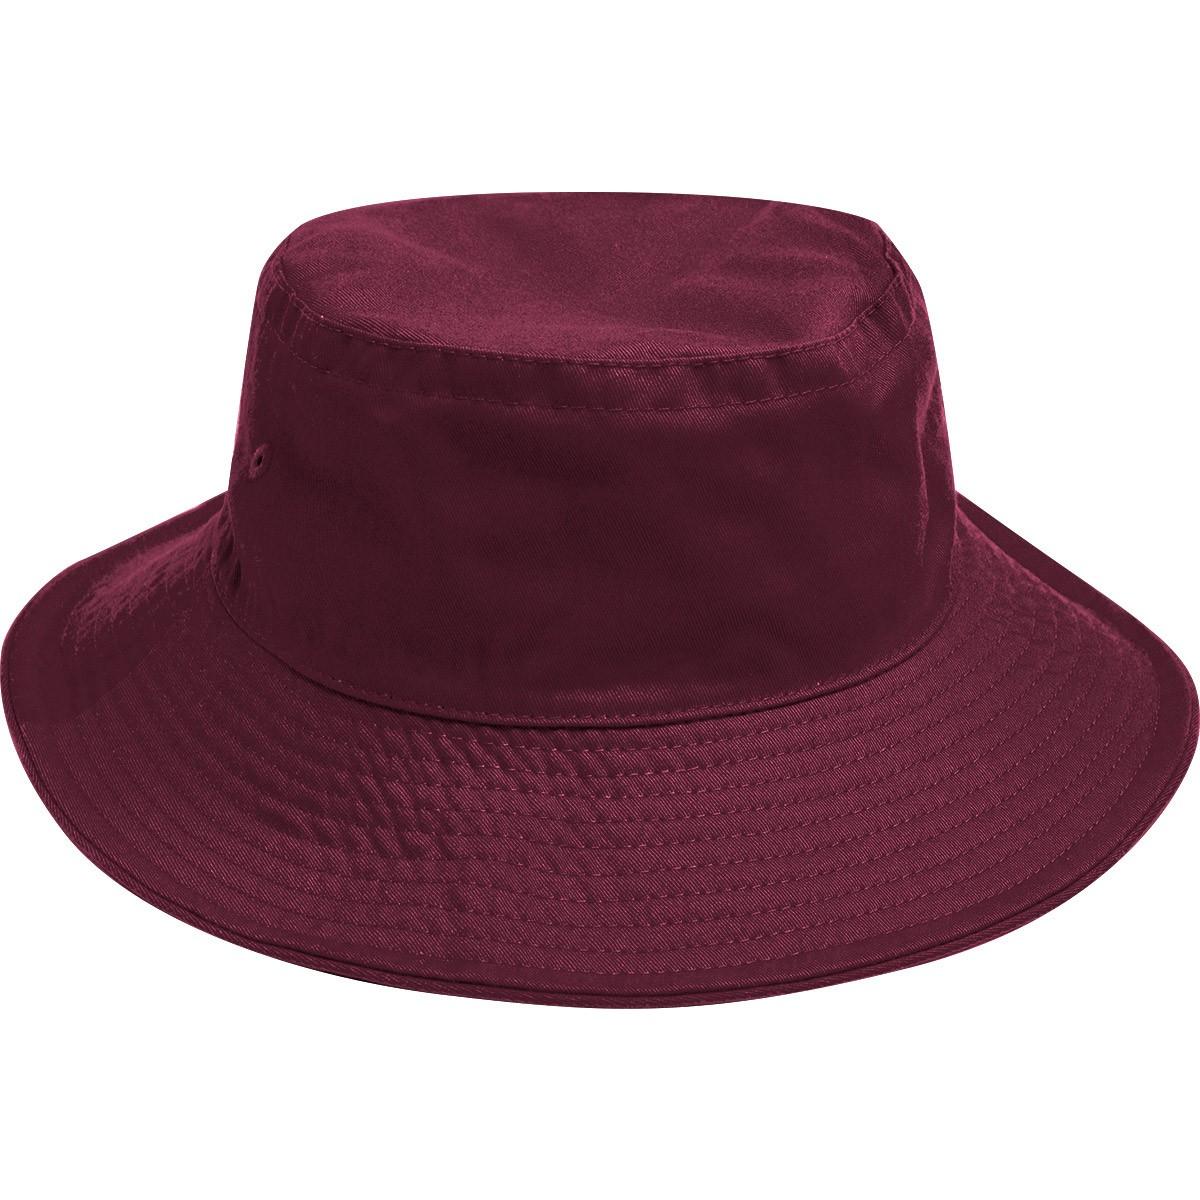 Mountcastle Bucket Hat Maroon - The School Locker a7a903d64d5